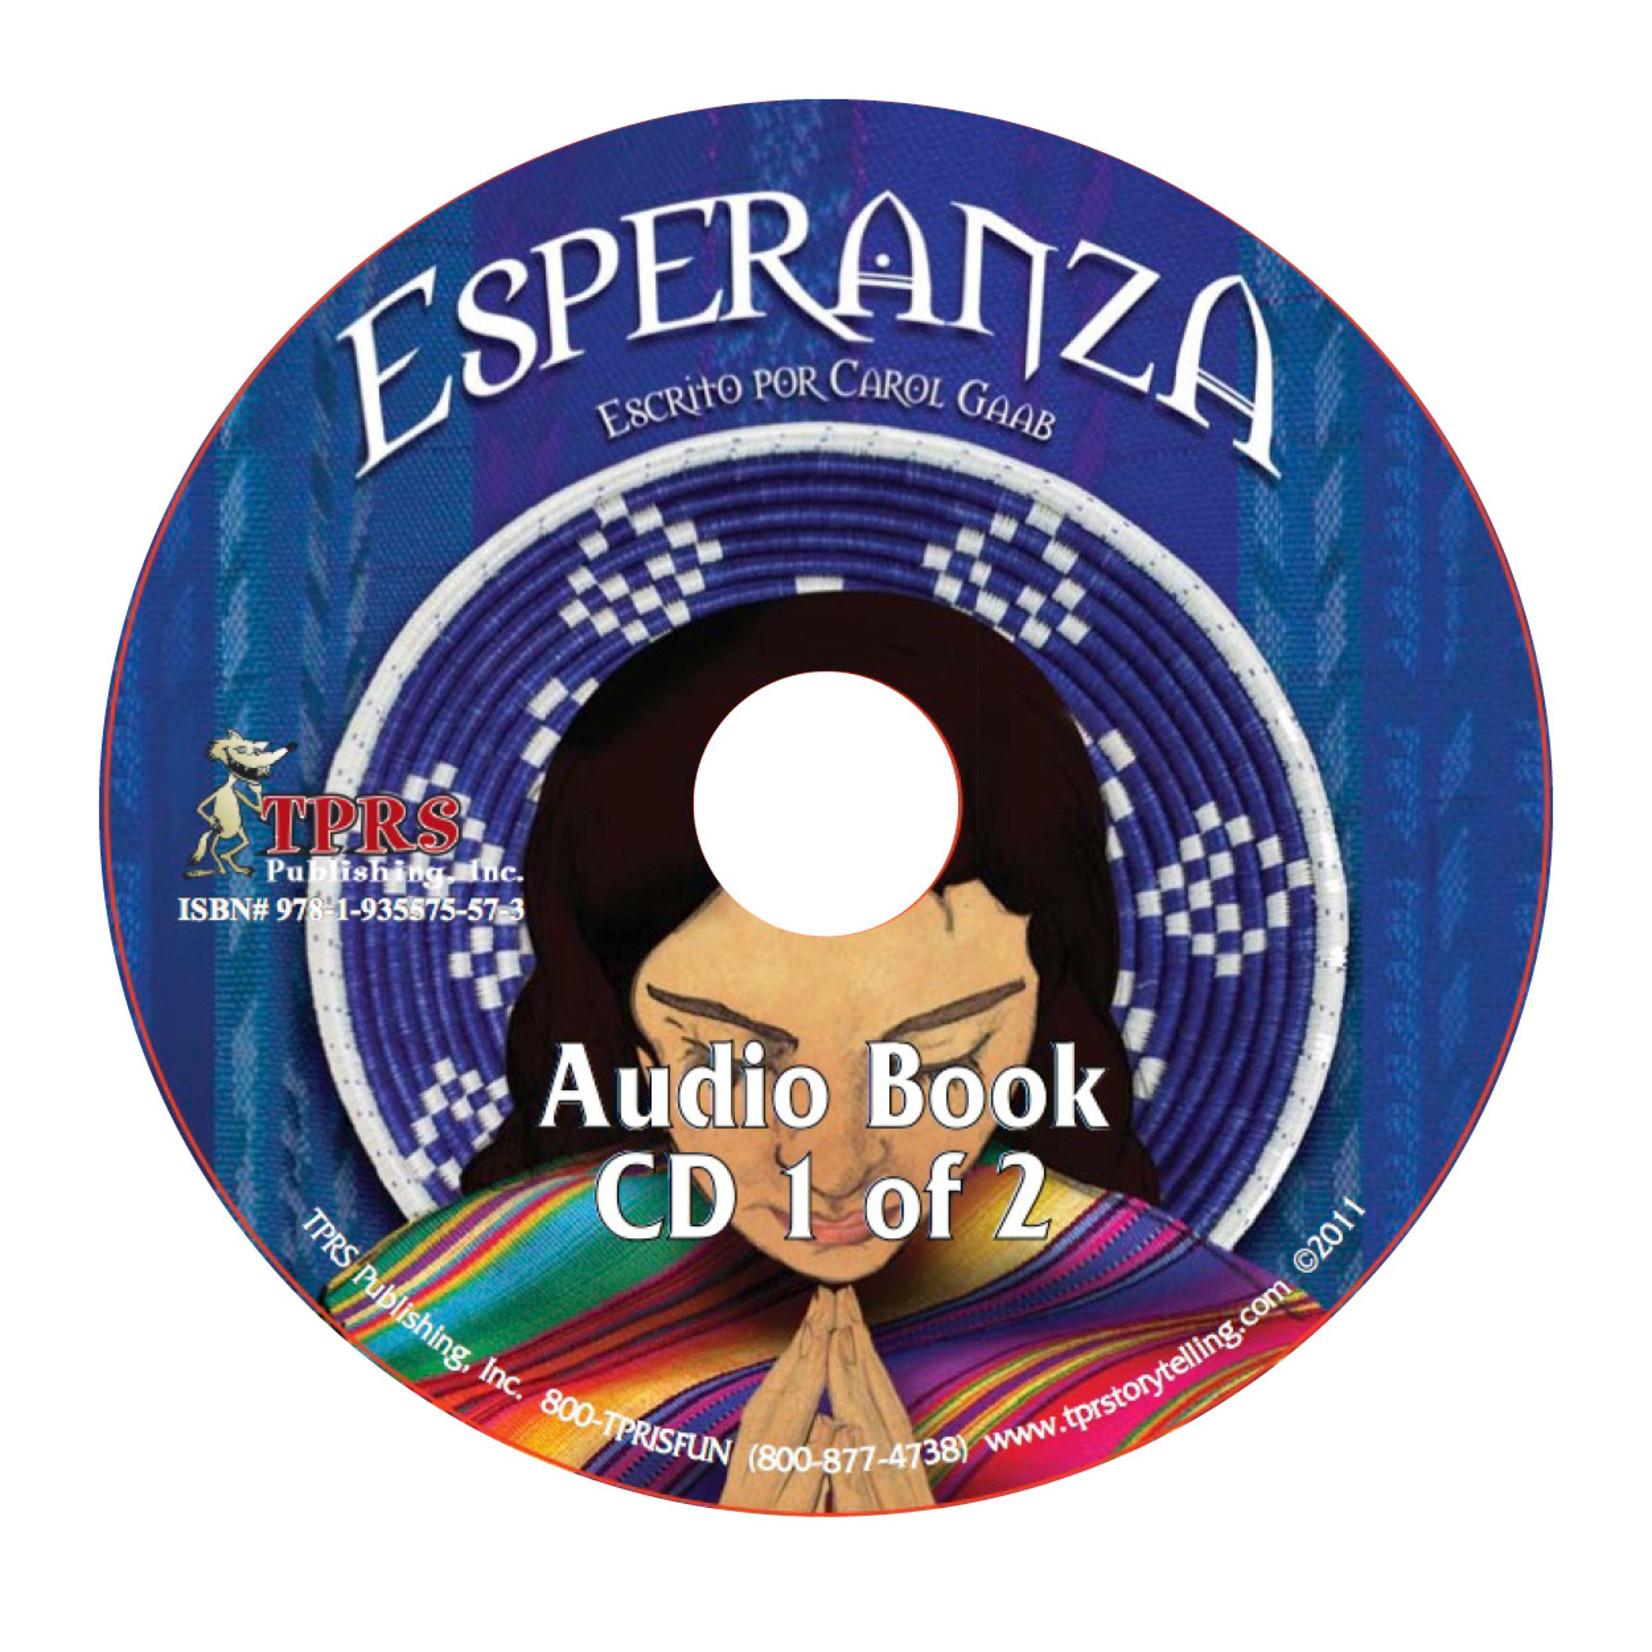 Fluency Matters Esperanza - Luisterboek